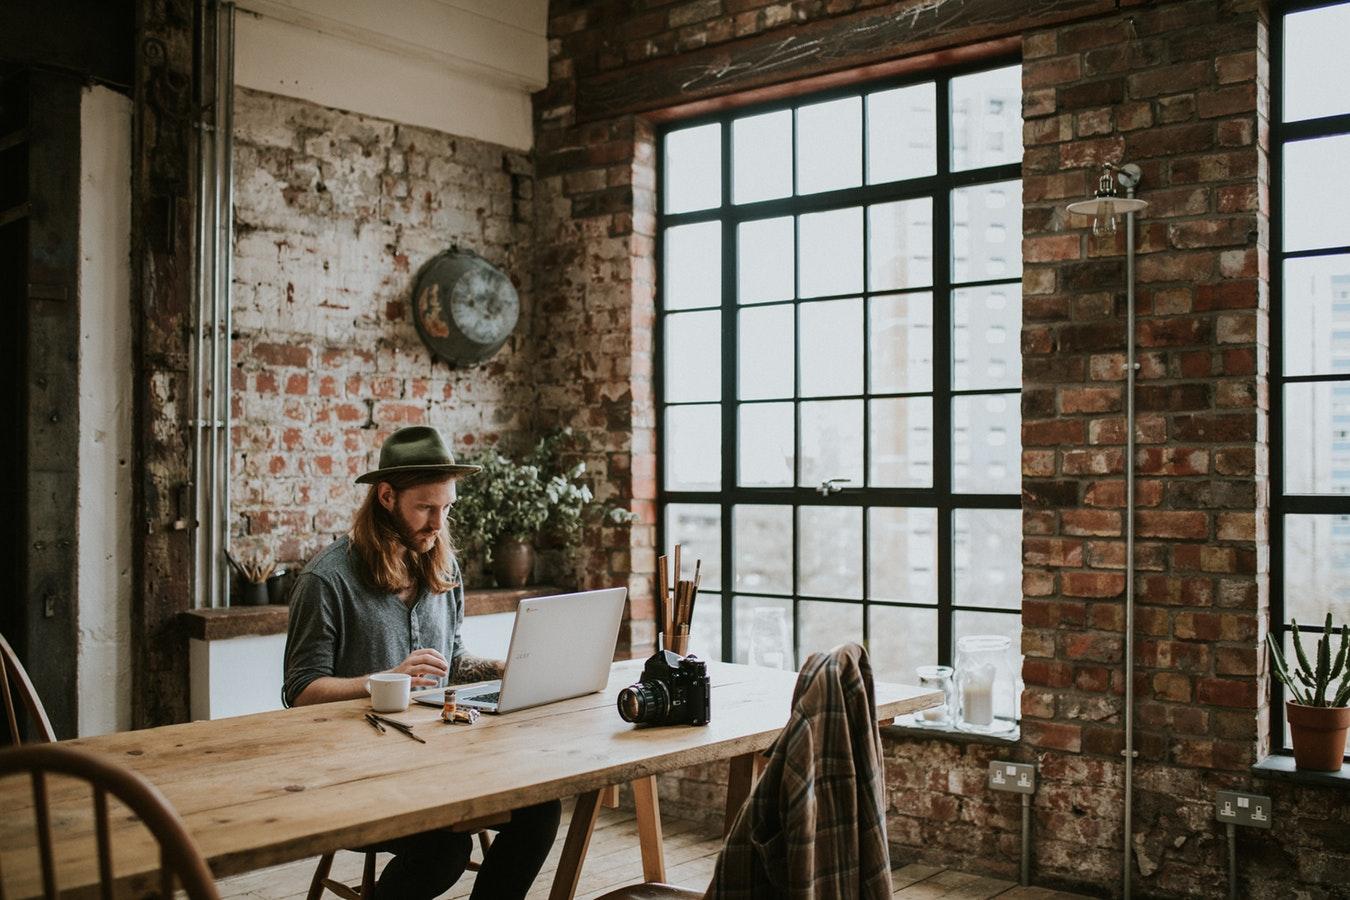 Comment reprendre ses études quand on travaille ?